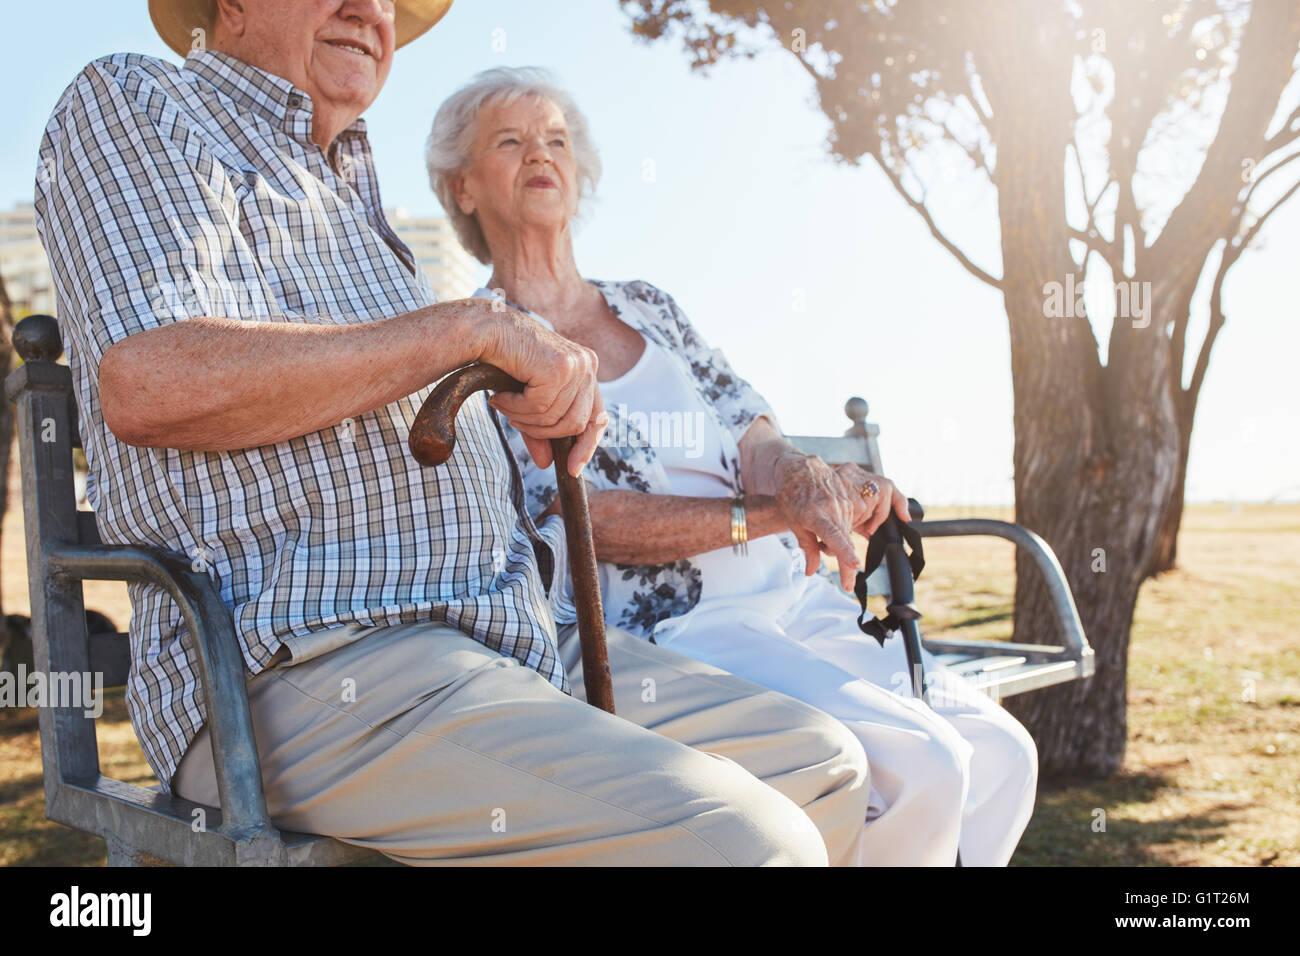 Las parejas ancianas sentadas en un banco del parque con bastón. Pareja de ancianos relajarse al aire libre en un Foto de stock